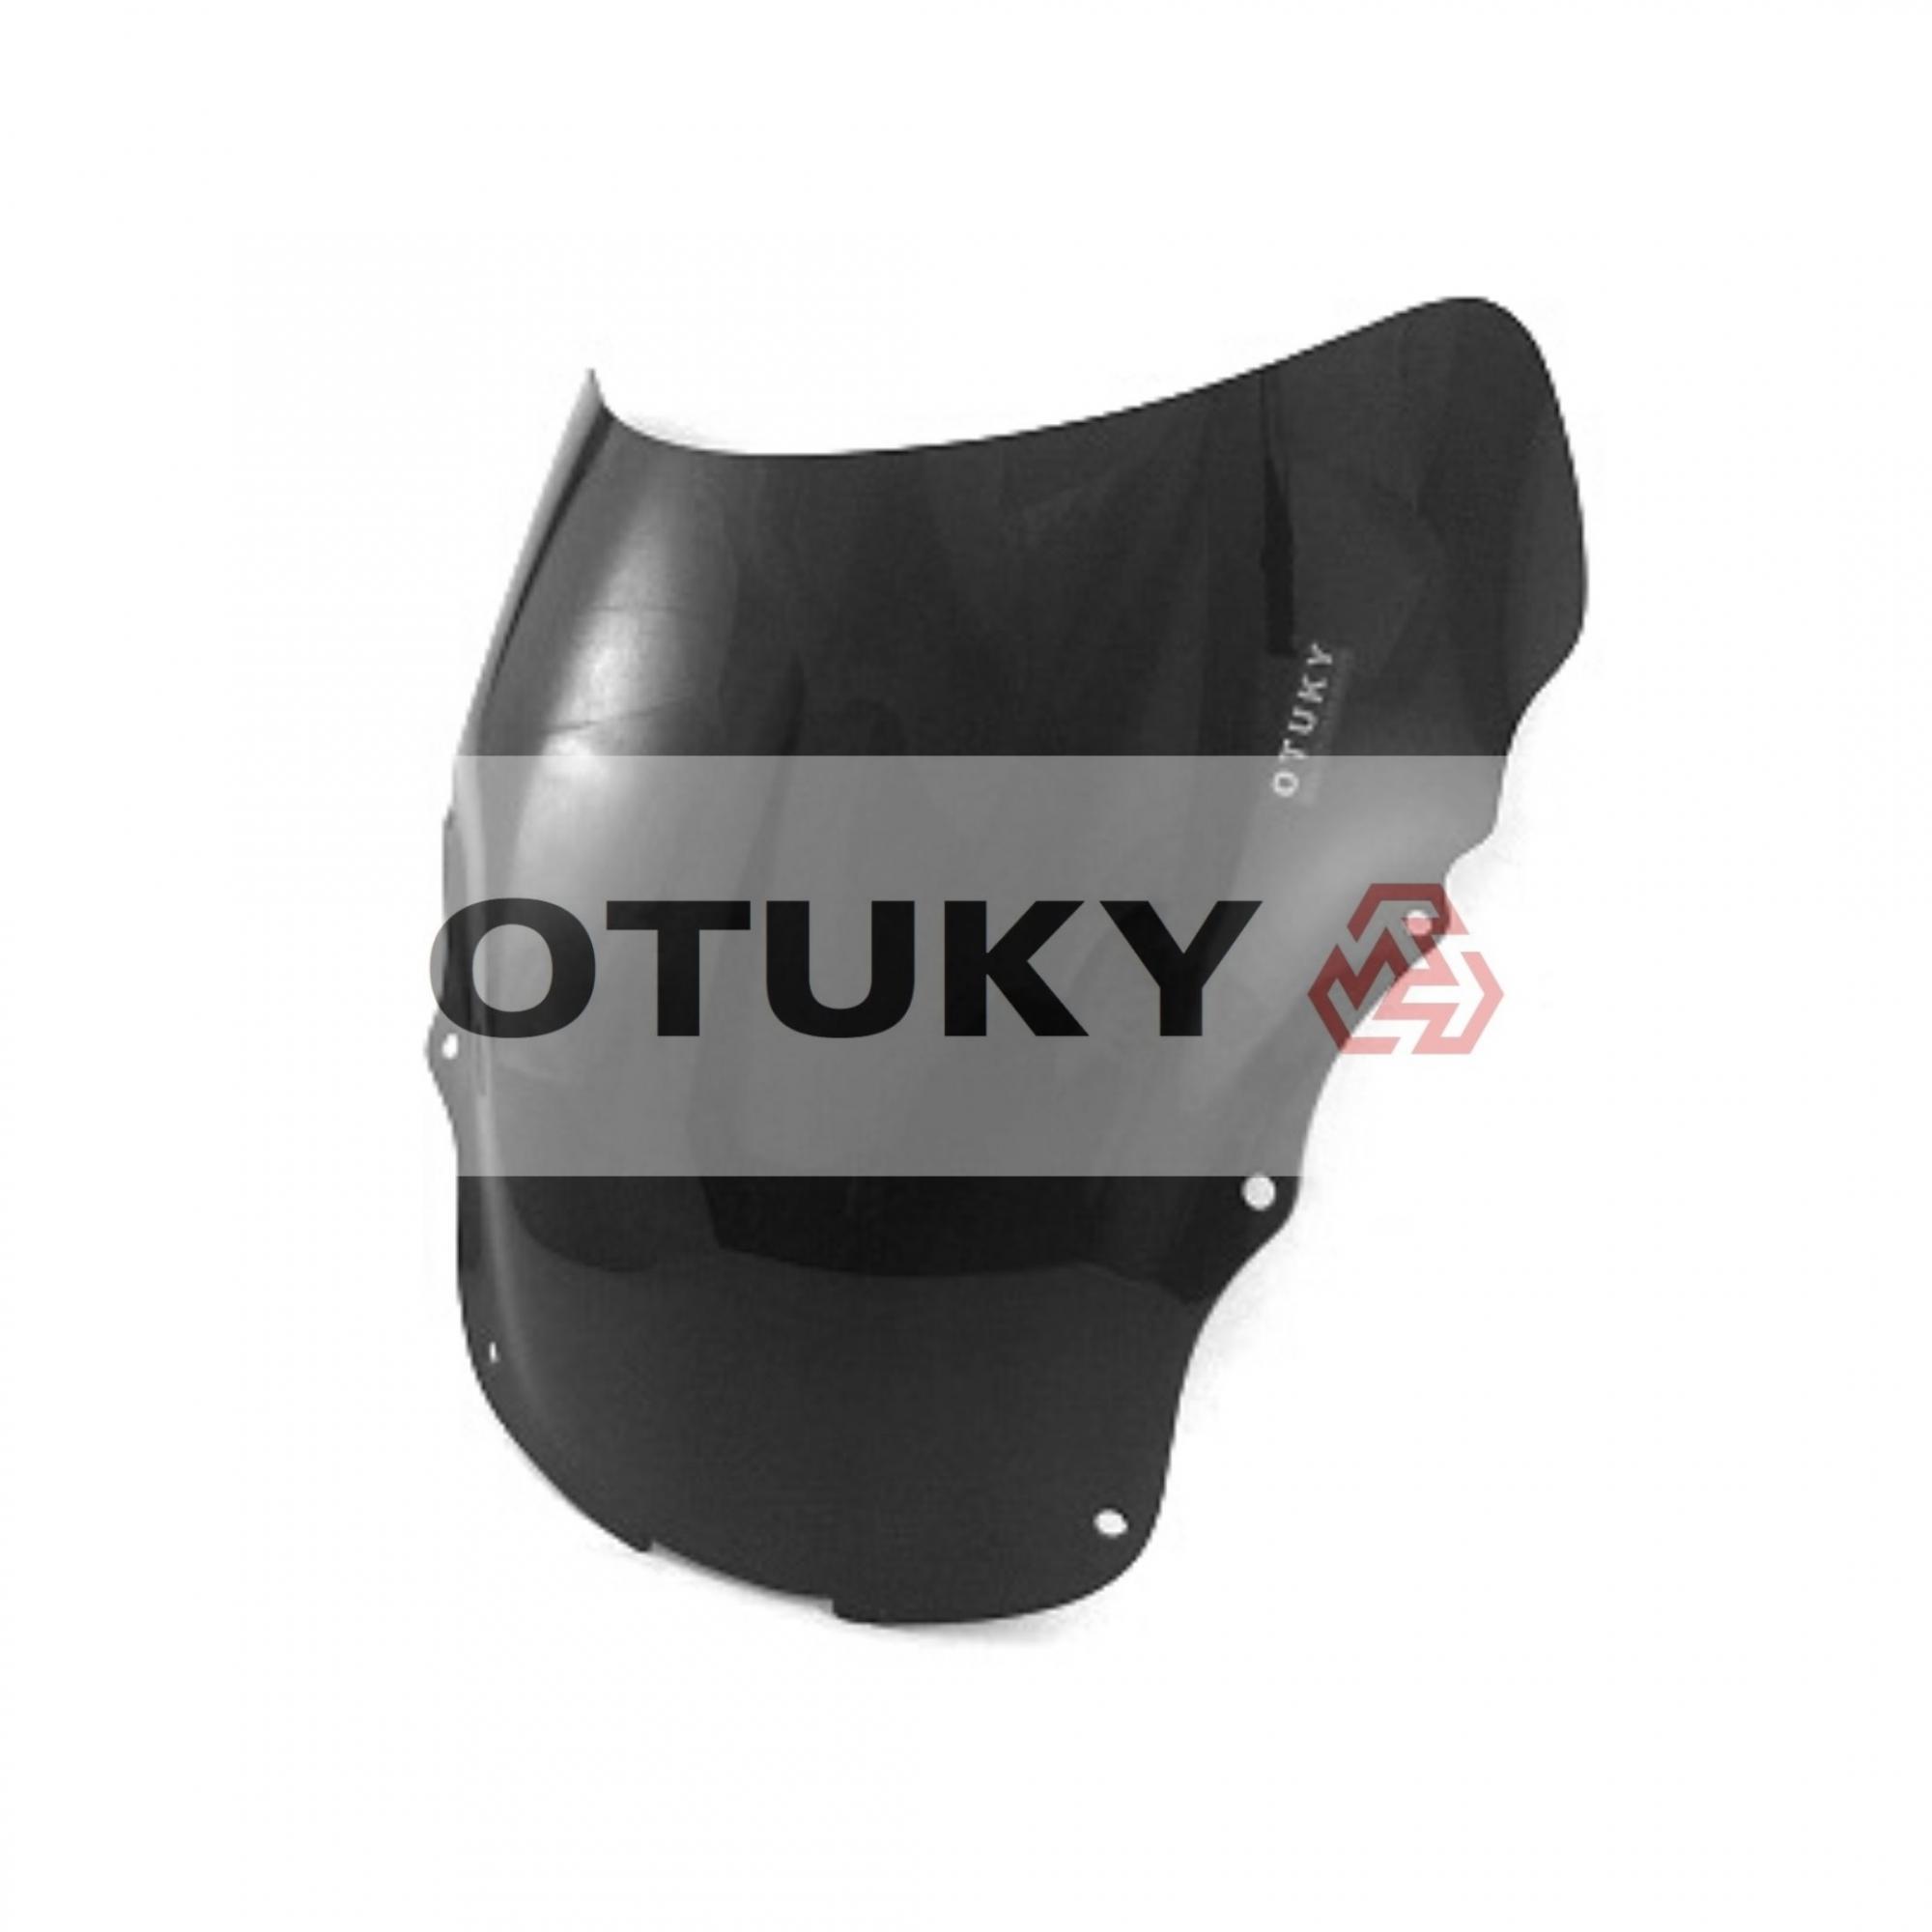 Bolha para Moto CBR 1100 Xx Blackbird 1997 1998 1999 2000 2001 2002 2003 2004 2005 Otuky Padrão Preto